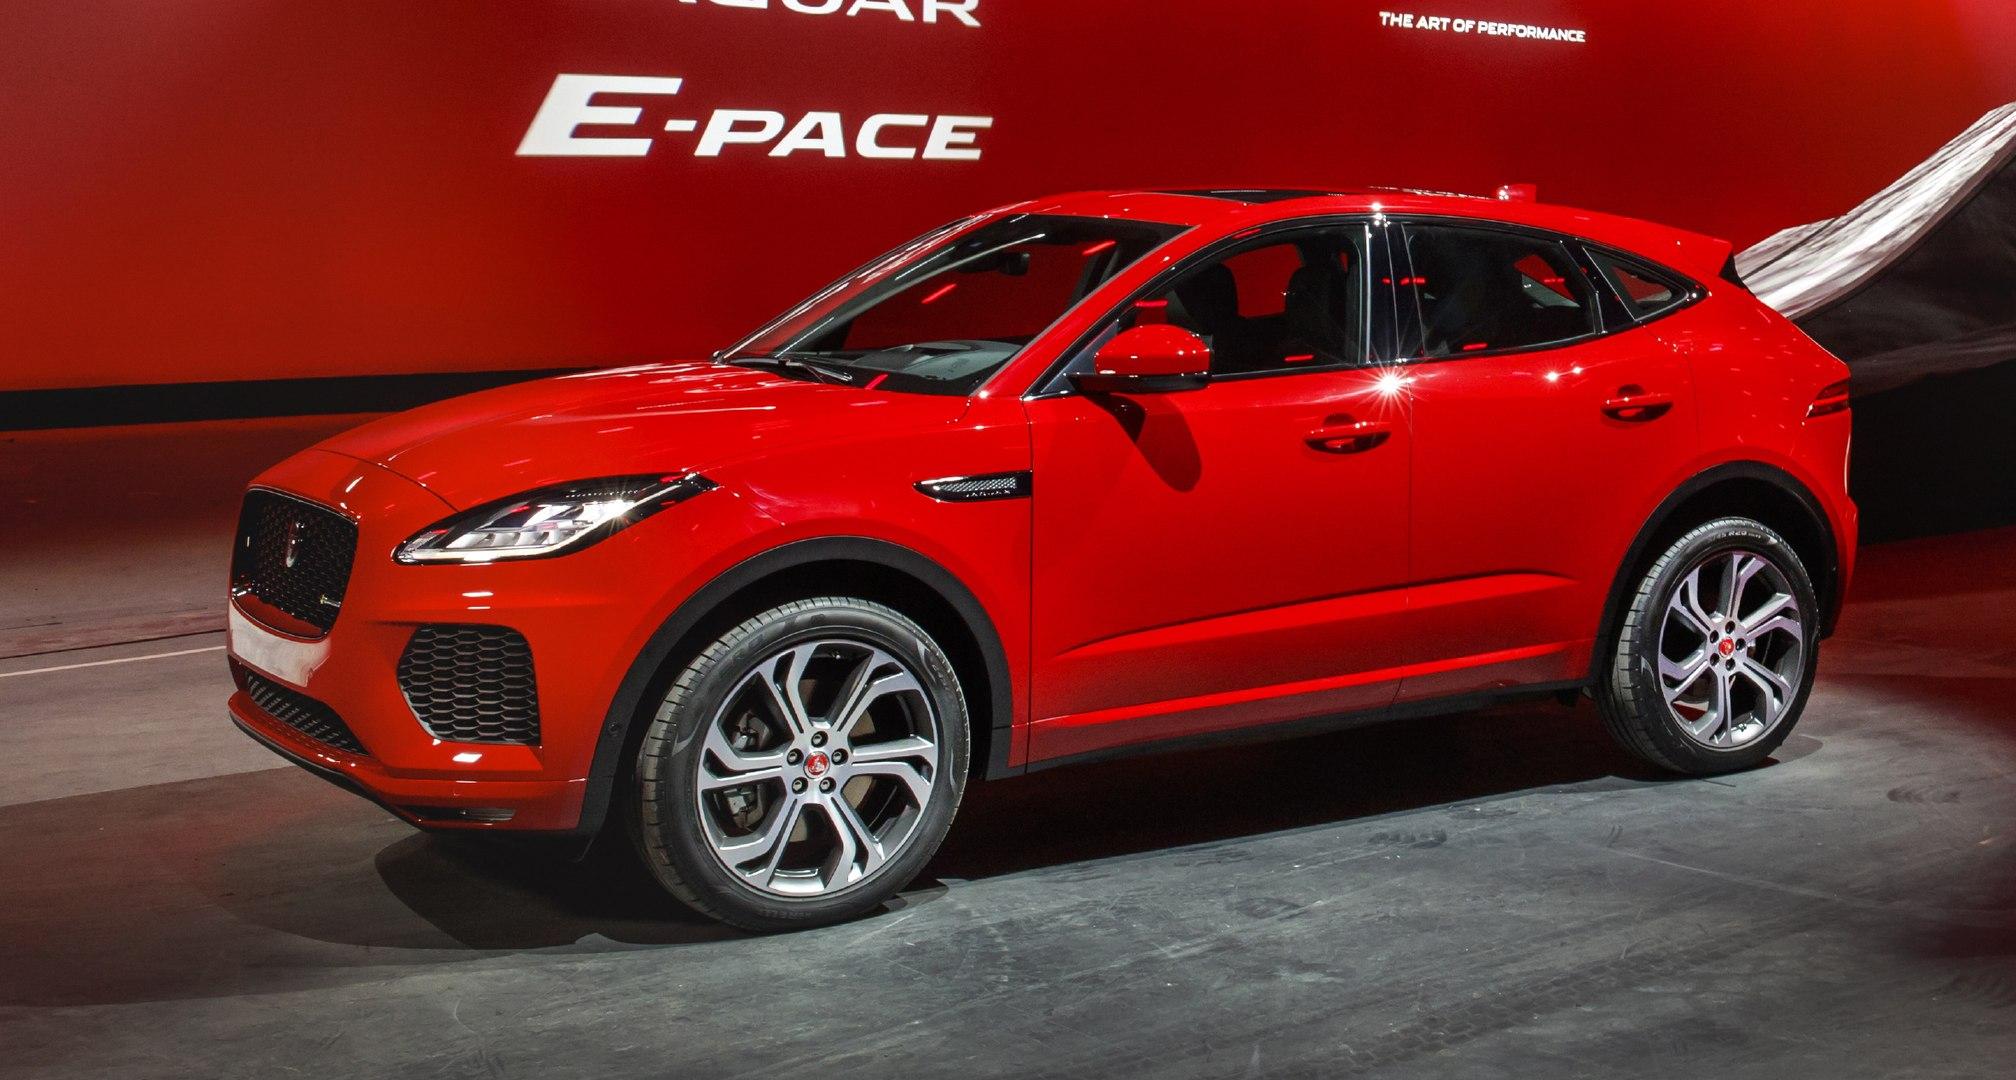 Nouveau Jaguar E-Pace (2018) : montez à bord du SUV